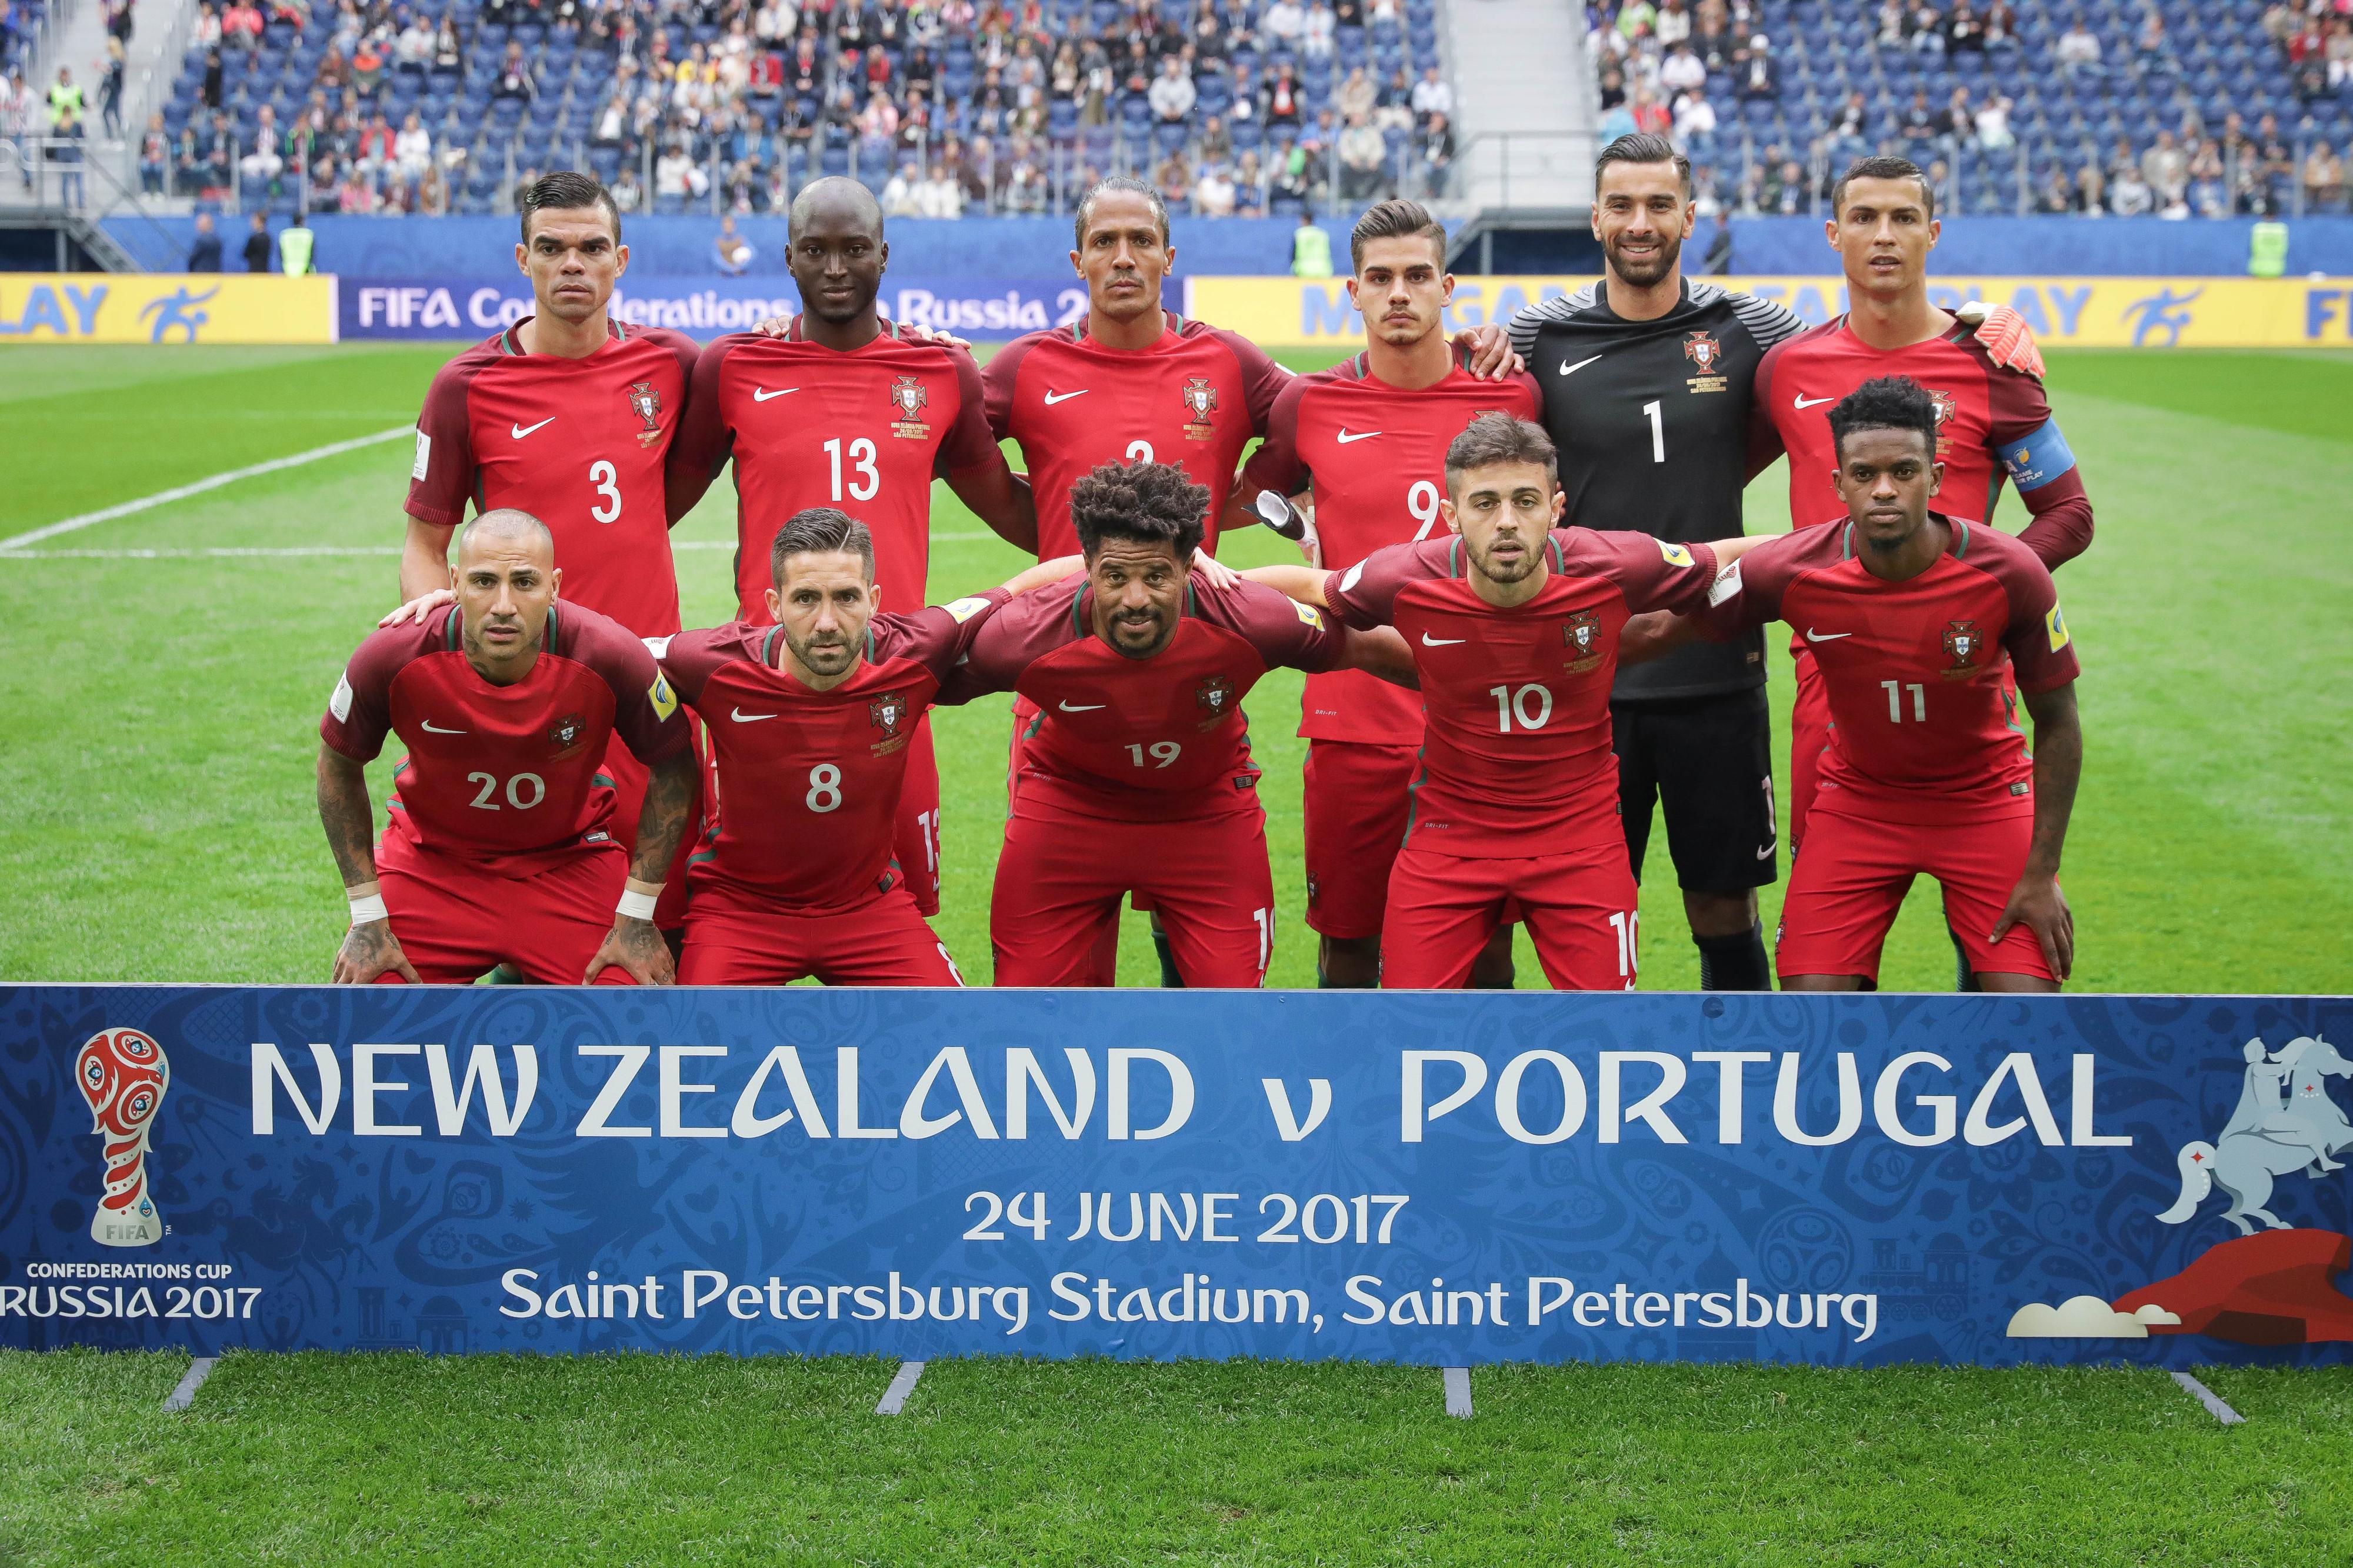 Portugal defronta Chile, após empate dos sul-americanos frente à Austrália